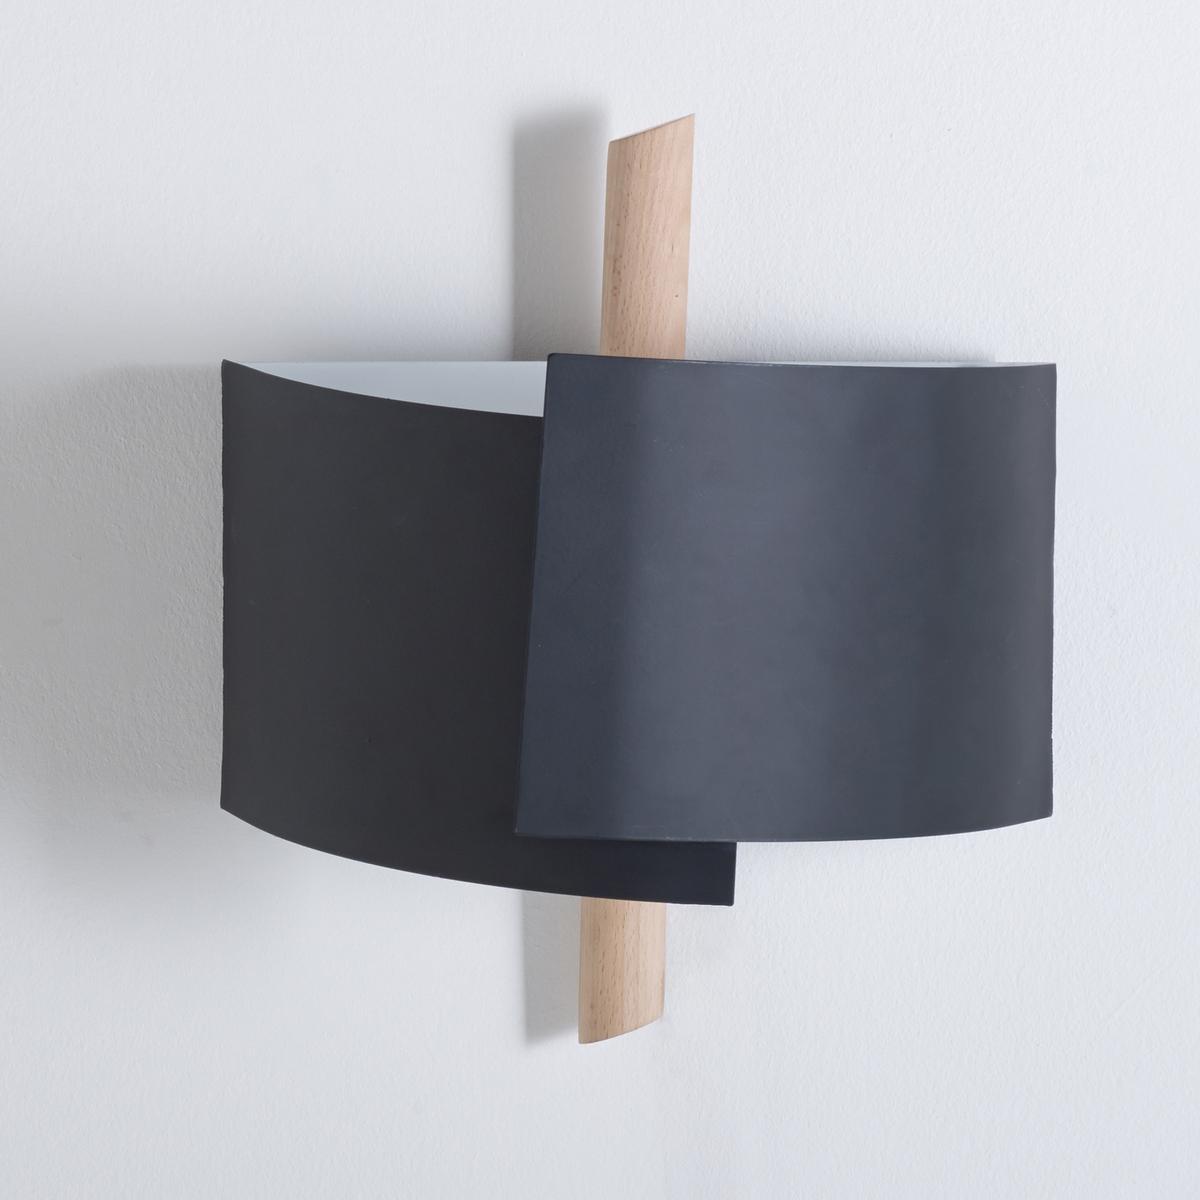 Бра дизайнерское, StolicoБра Stolico, из дерева и металла приятно рассеивает свет и выполнен в очень современном дизайне !Описание светильника  Stolico  :2 патрона E14, для флюокомпактных лампочек макс 11W (не входят в комплект) . Этот светильник совместим с лампочками    энергетического класса    : A-B-C-D-EХарактеристики светильника Stolico  :Из бука, Низ из металла белого матового цвета .Найдите нашу коллекцию светильников на сайте laredoute.ru.  Размер светильника  Stolico  :Ширина : 33,2 см Высота : 37,3 см .<br><br>Цвет: черный